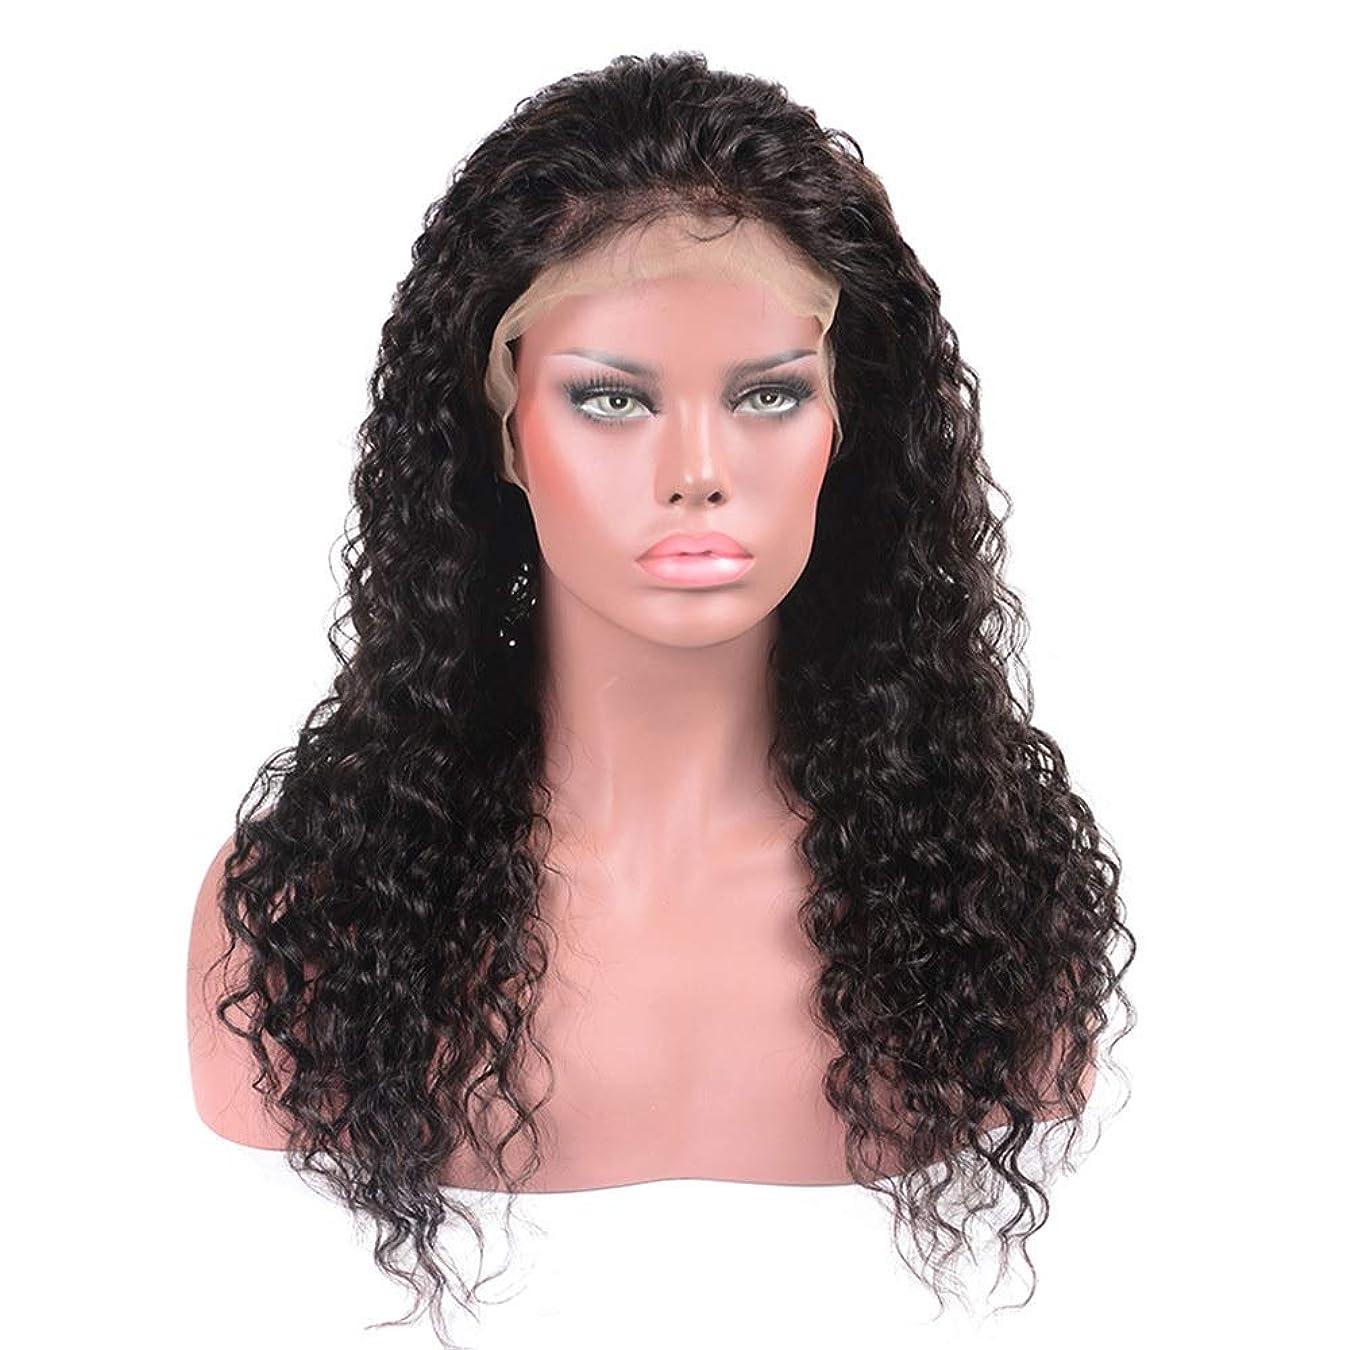 スクリーチ平均系統的HOHYLLYA ブラジルの髪の水の波ロングカーリーウィッグ100%本物の人間の髪の毛のレースフロントかつら(8インチ - 22インチ)パーティーウィッグ (色 : 黒, サイズ : 22 inch)